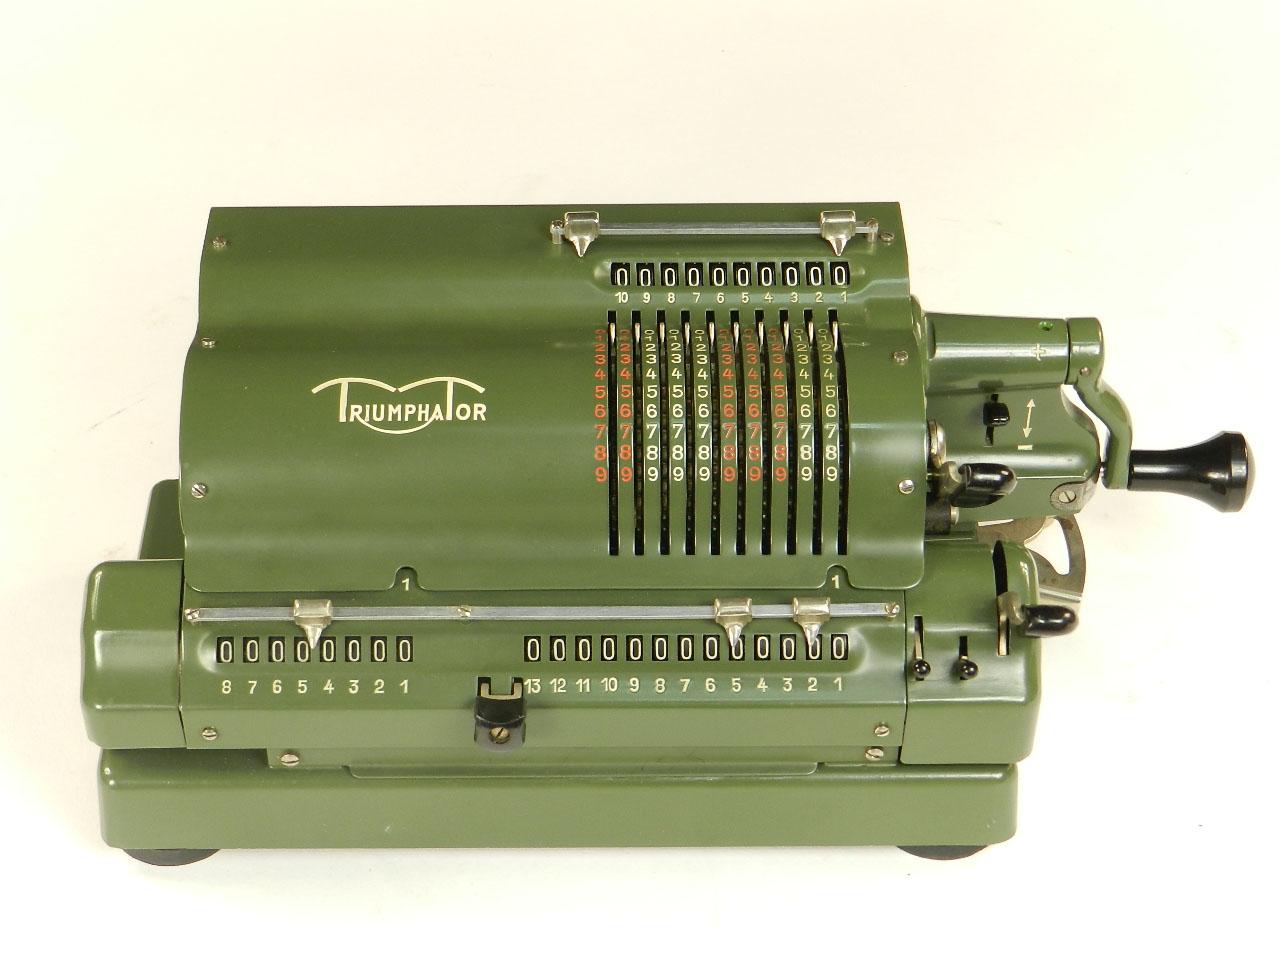 Imagen TRIUMPHATOR CN1 AÑO 1952 26364